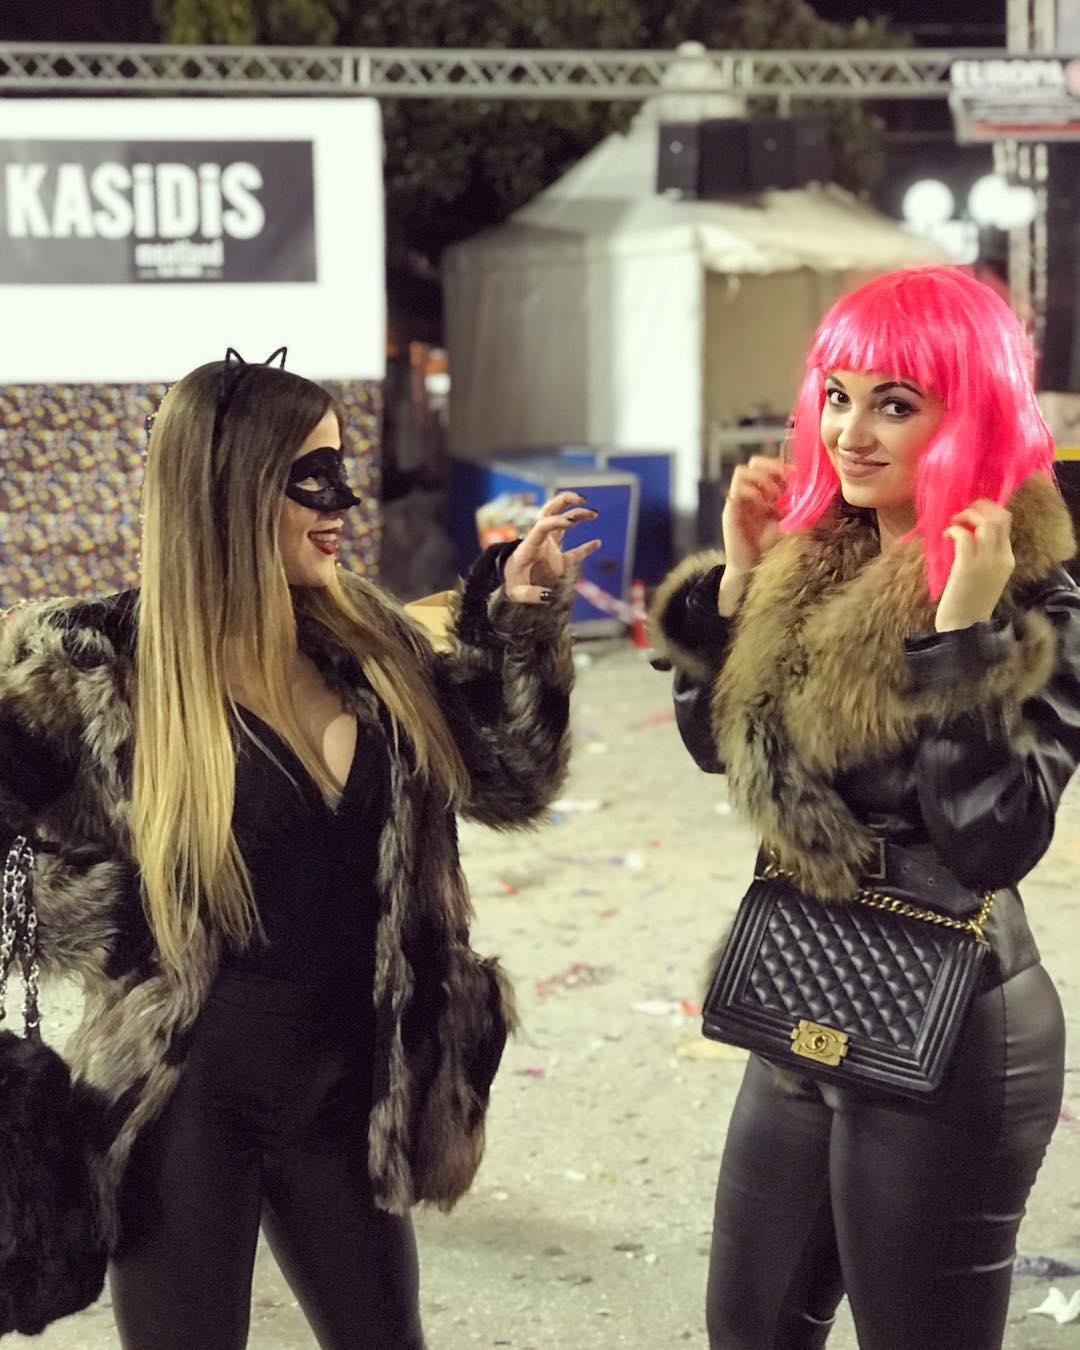 28153556 168219153966087 2615376388793827328 n - Όλα όσα έγιναν στο καρναβάλι του Τυρνάβου μέσα από το Instagram!